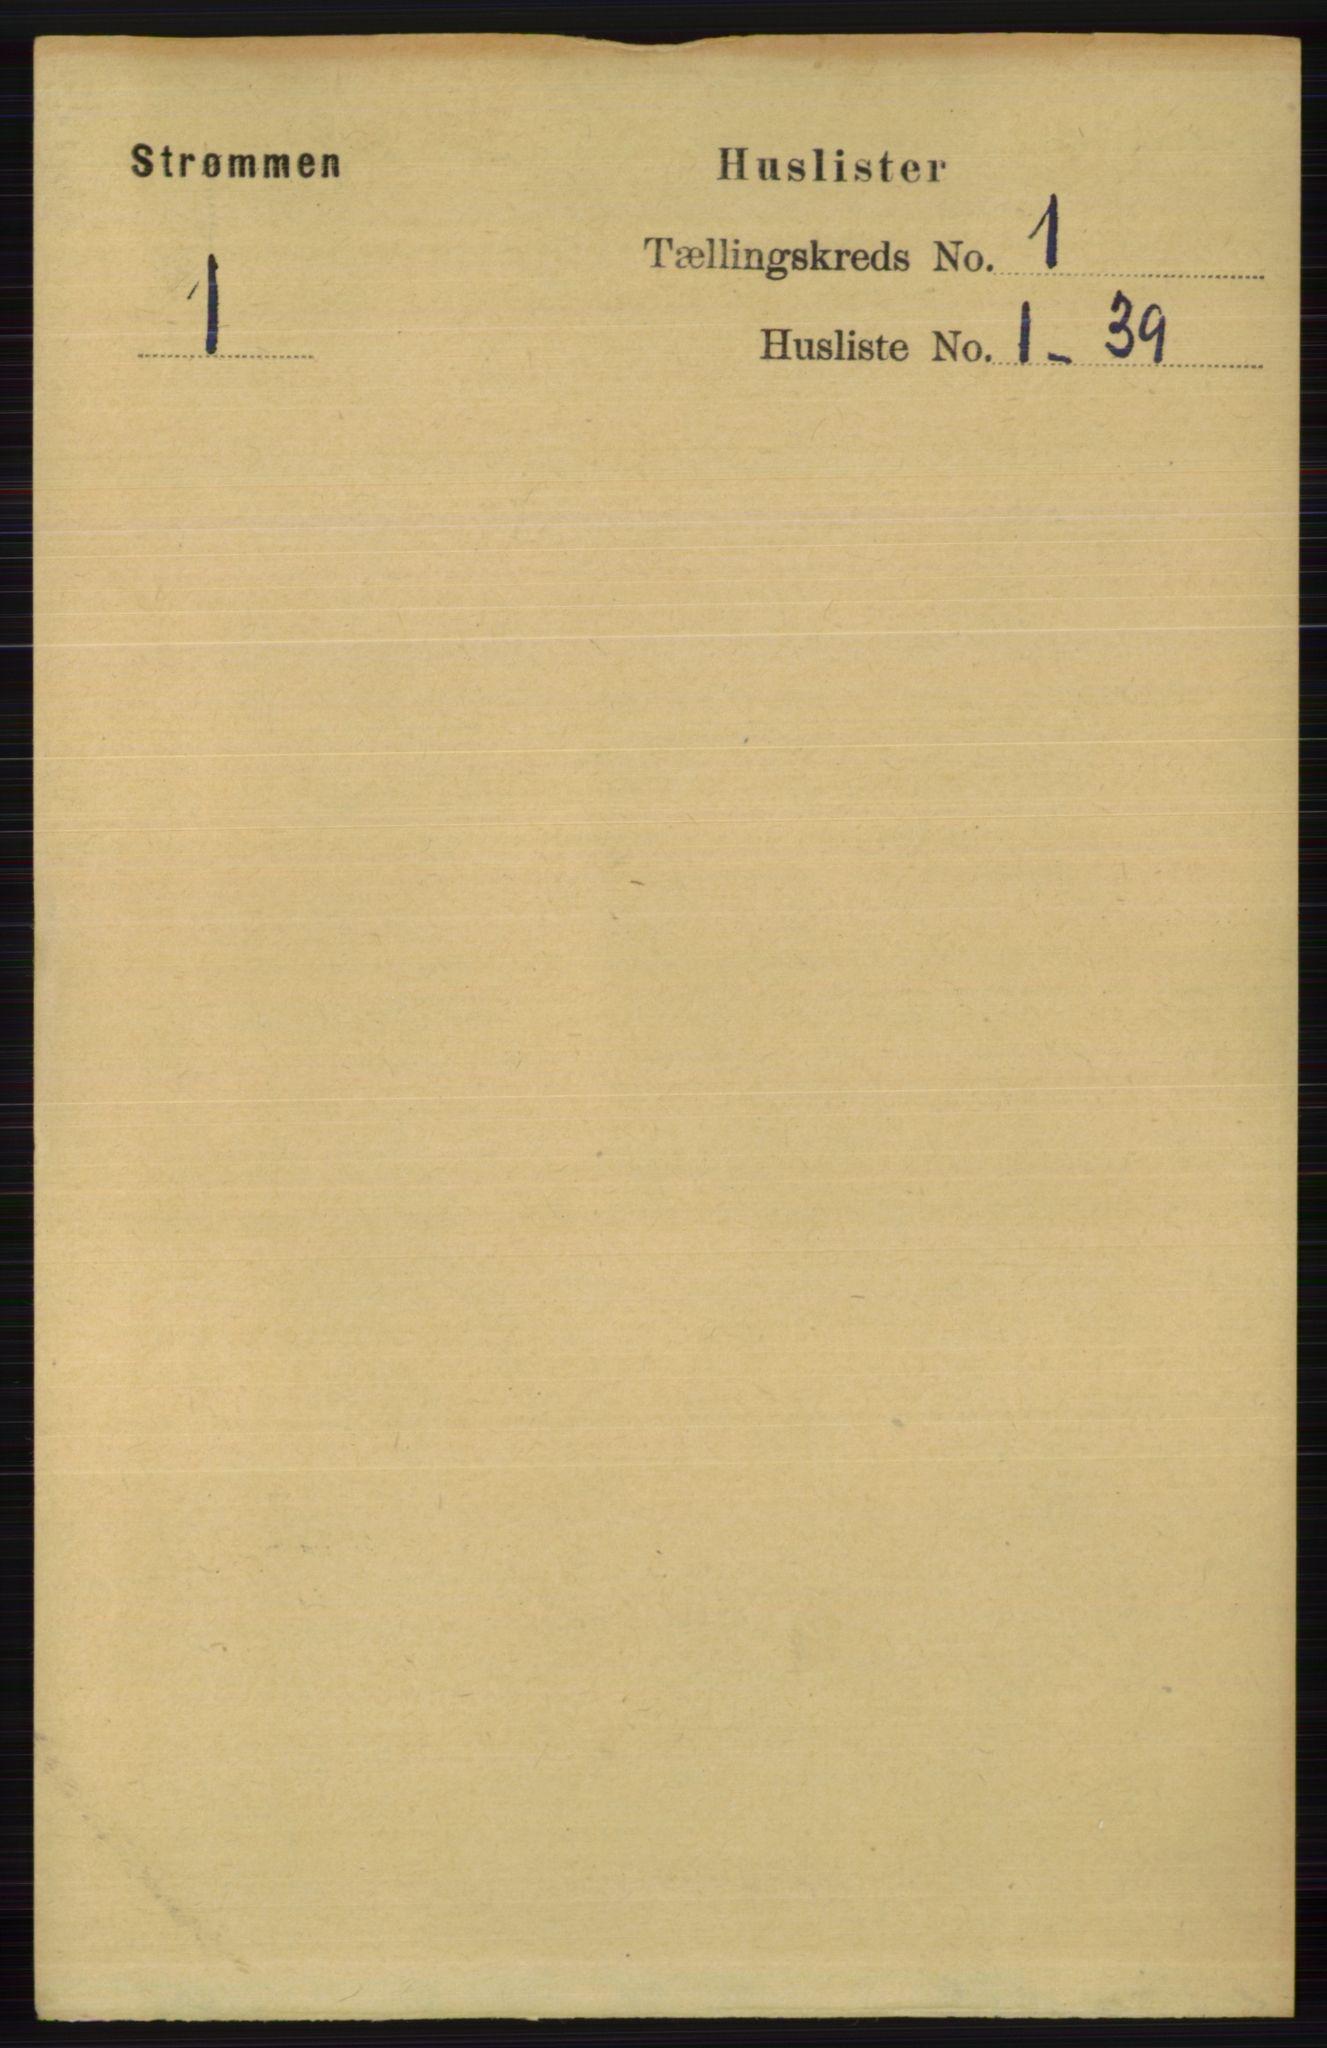 RA, Folketelling 1891 for 0711 Strømm herred, 1891, s. 14